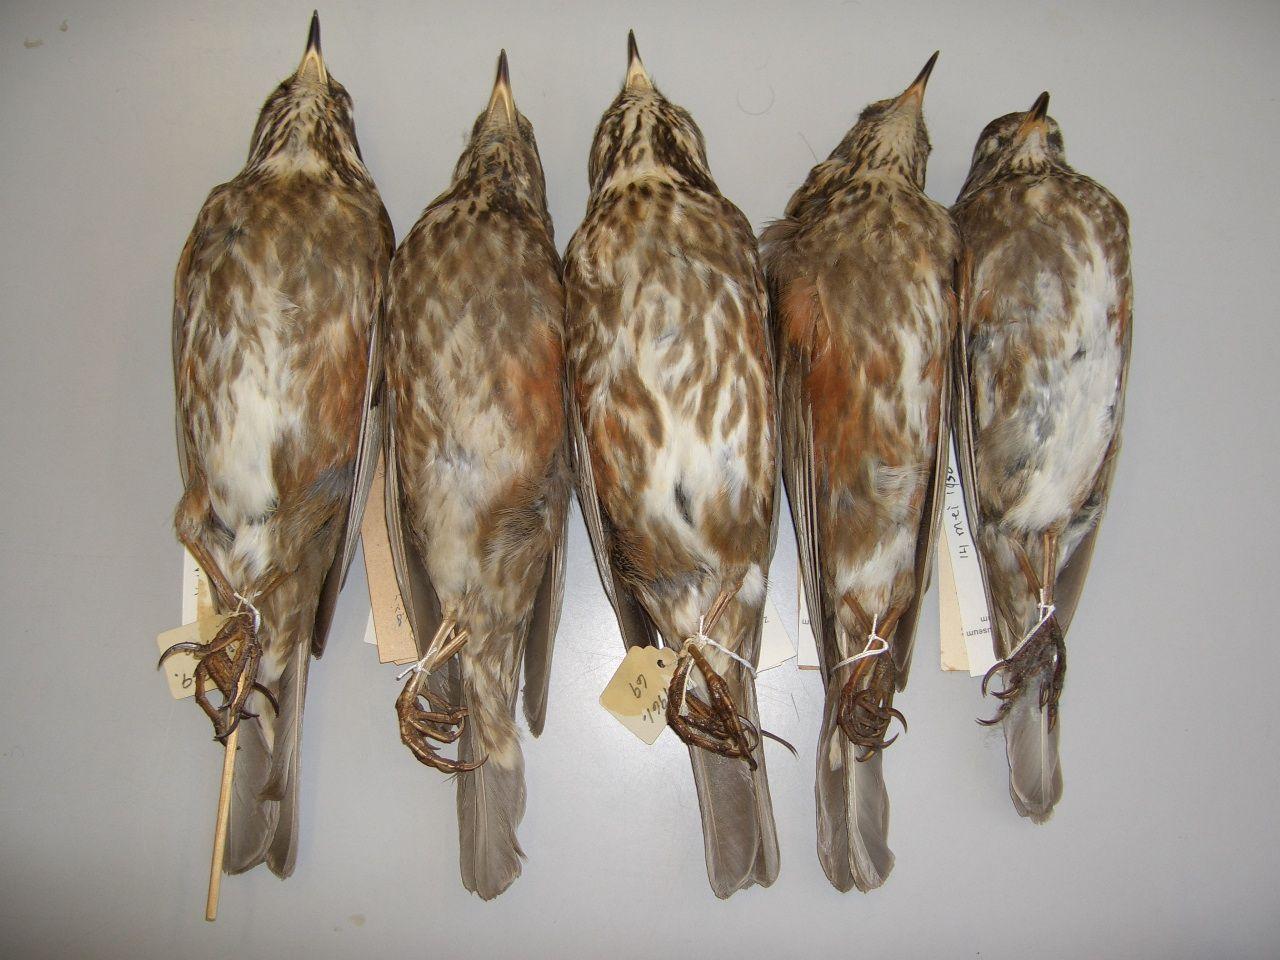 Recente bijzondere vangsten | Vogeltrekstation.nl